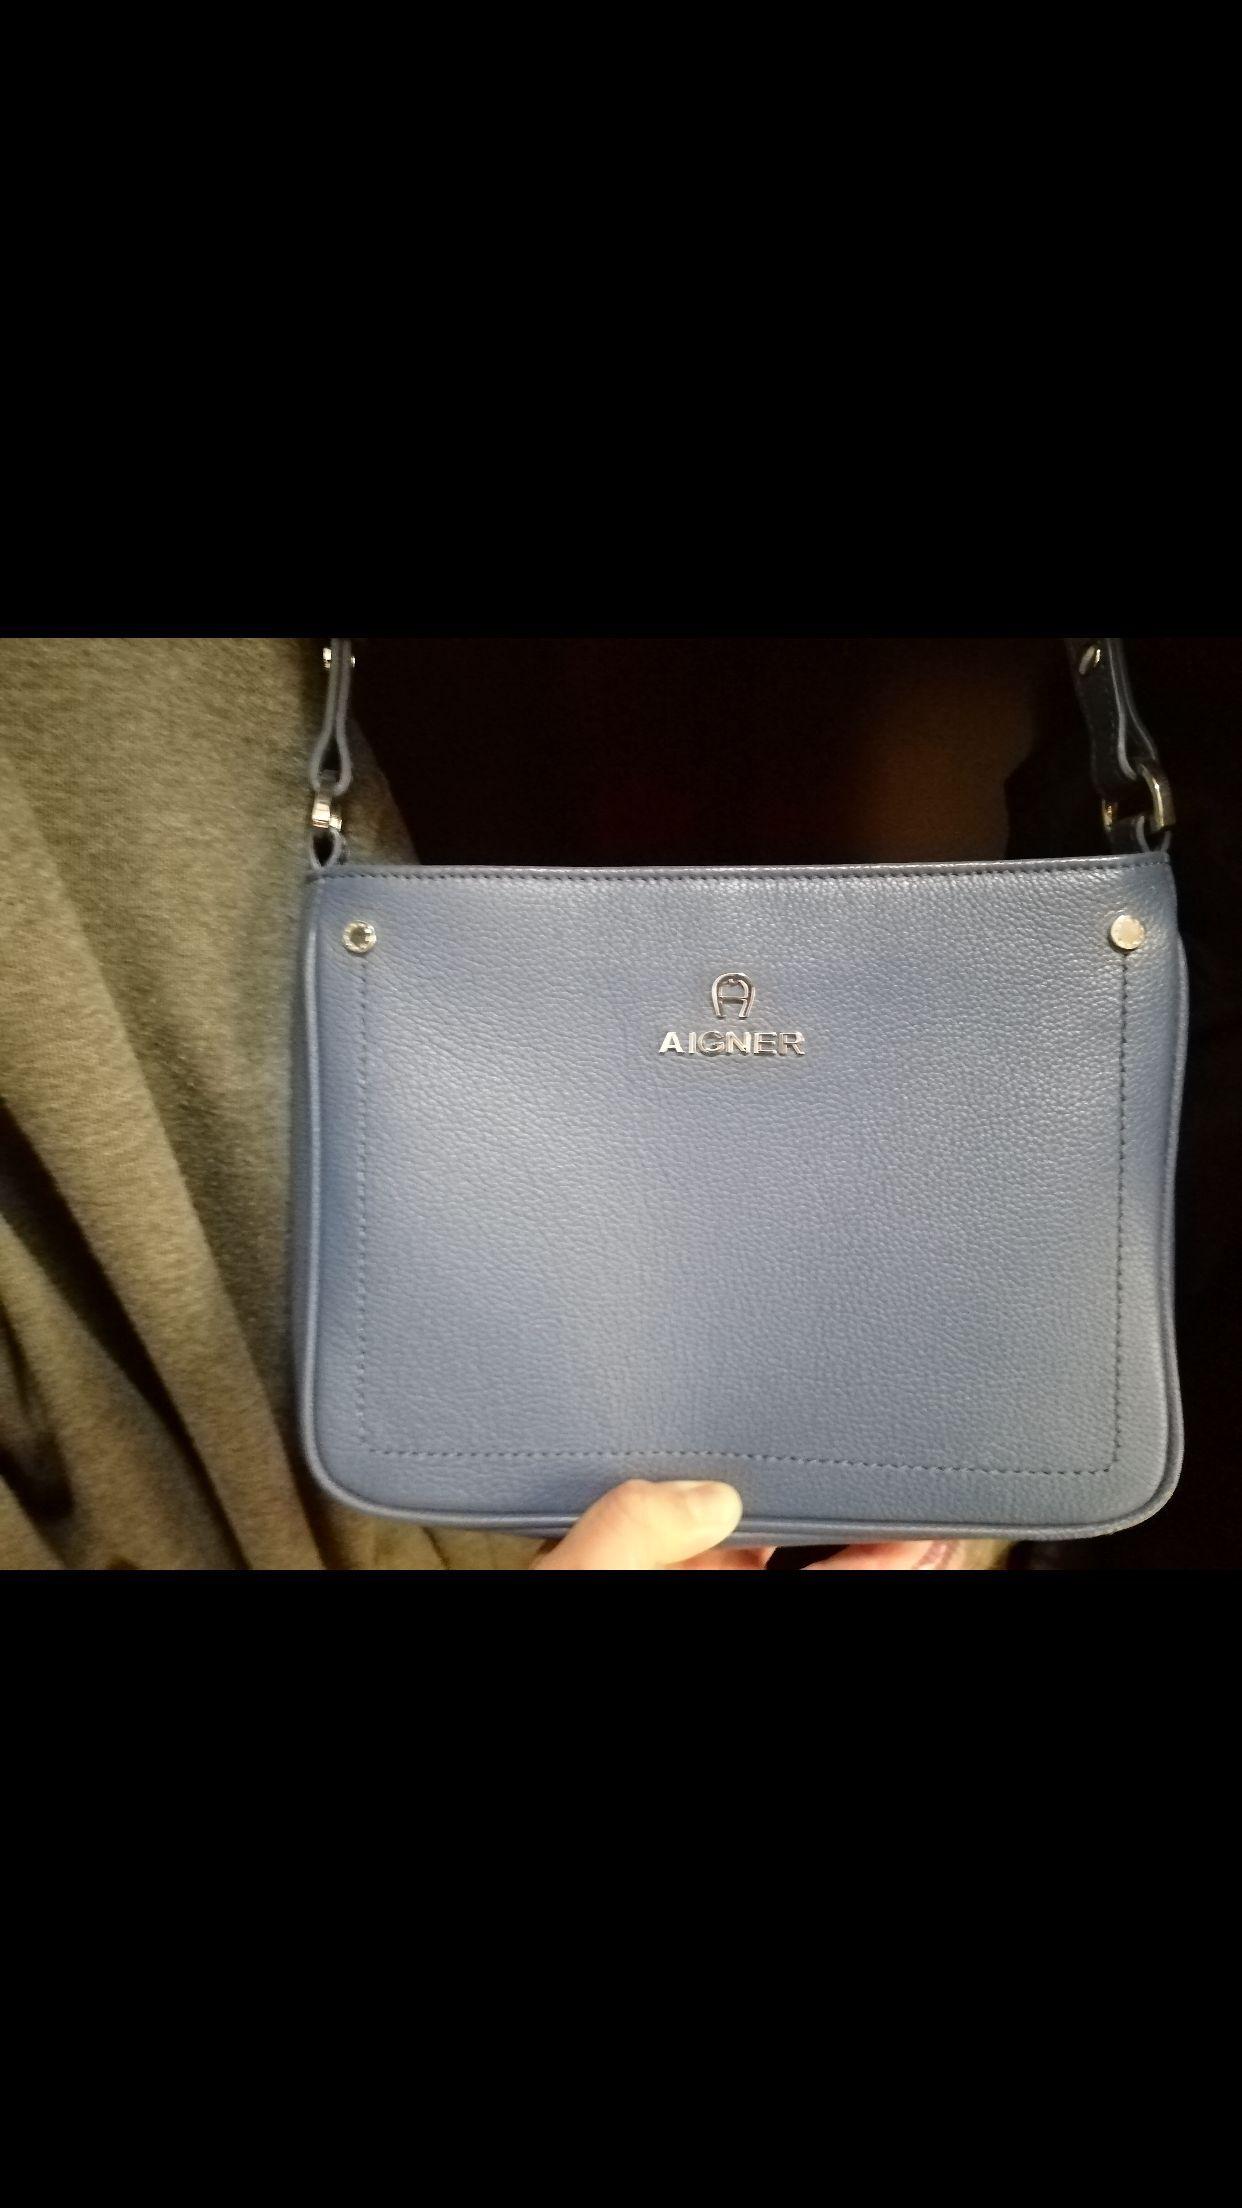 德国采购 aigner女士手袋包包